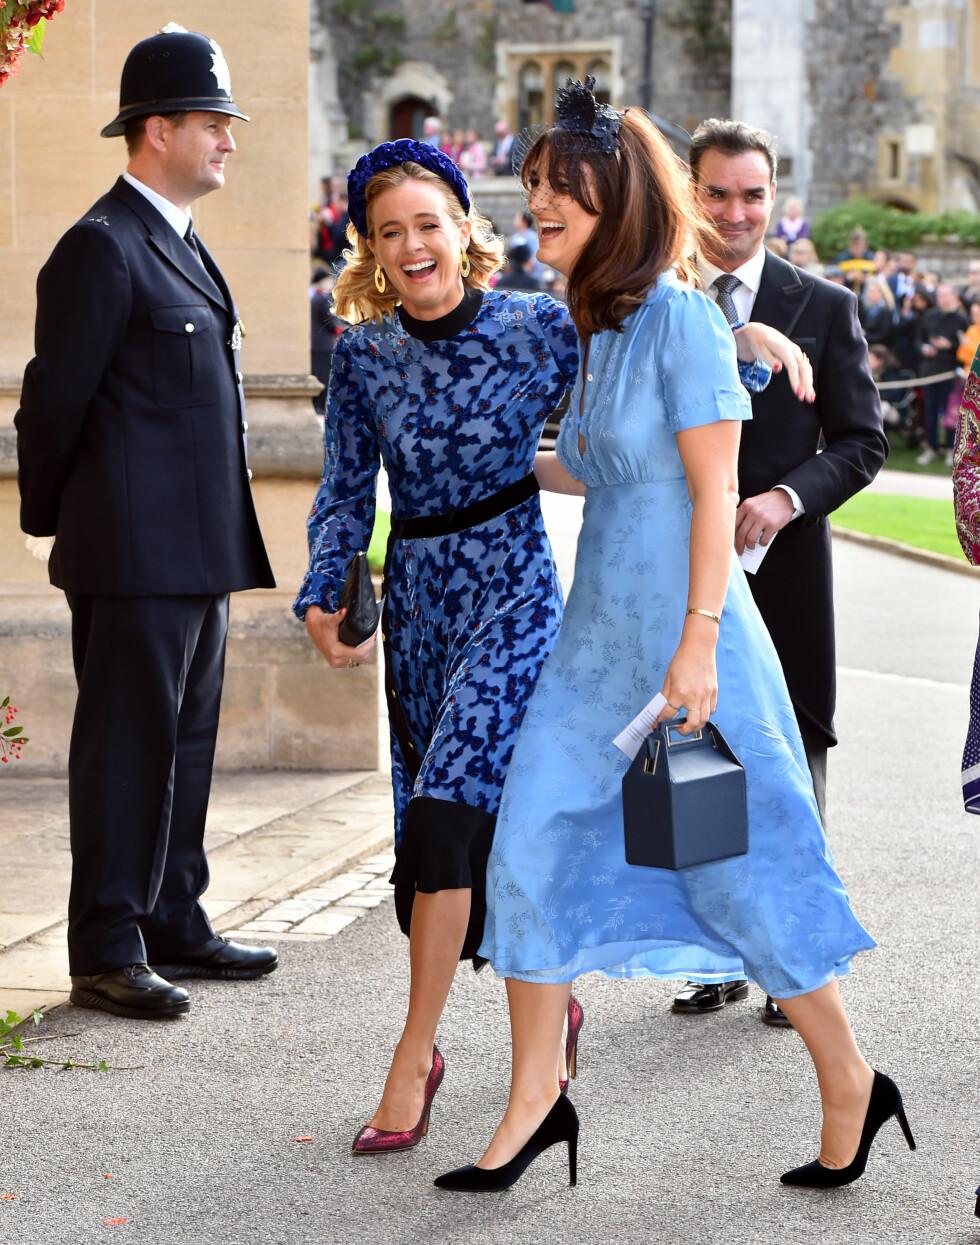 KONGELIG BRYLLUP: Prins Harrys ekskjæreste Cressida Bonas (t.v.) er god venninne med prinsesse Eugenie. Hun var derfor en selvskreven gjest i bryllupet. FOTO: NTB Scanpix